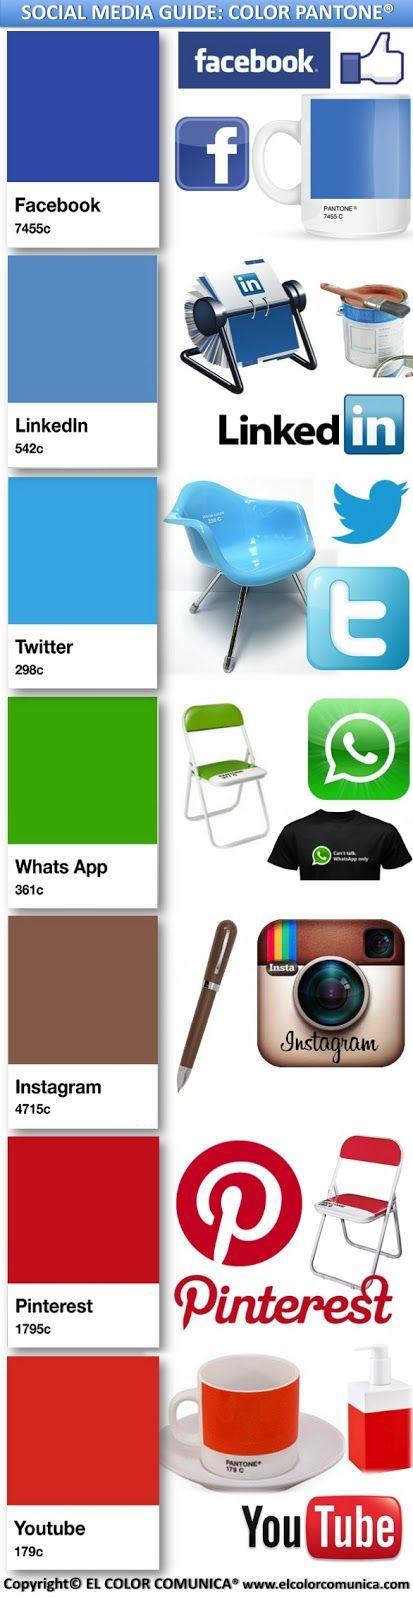 Colores Pantone de los logos del Social Media #infografia